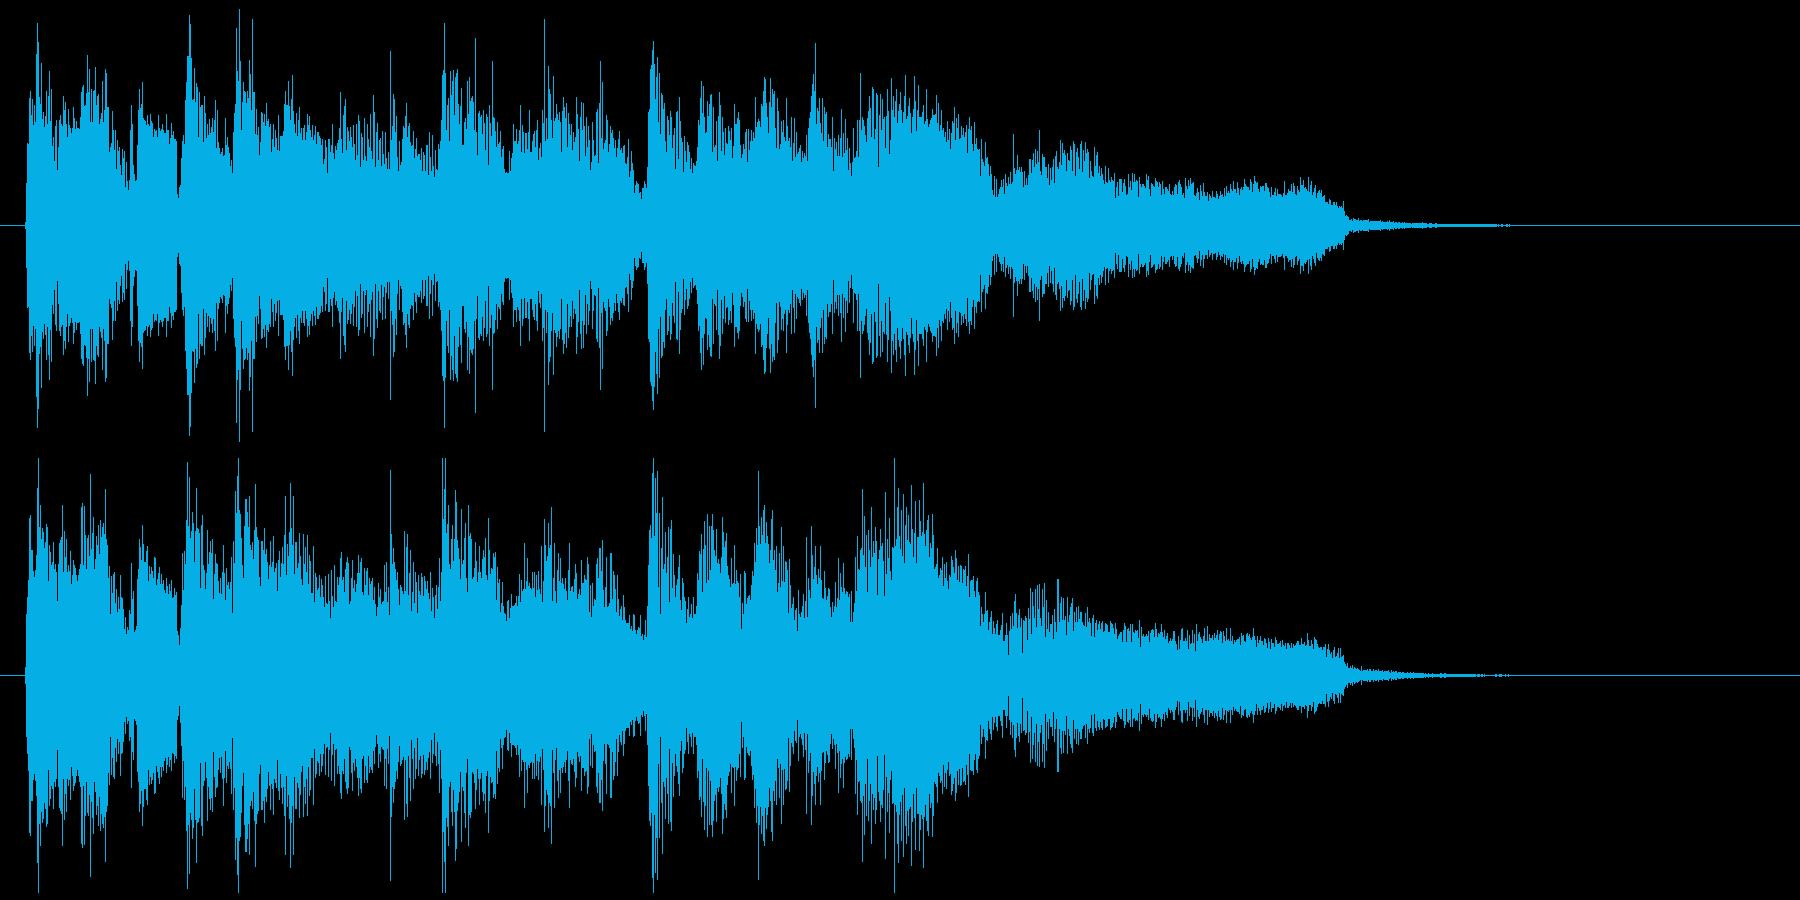 ジャズボサノバ系の爽やかなサウンドロゴの再生済みの波形